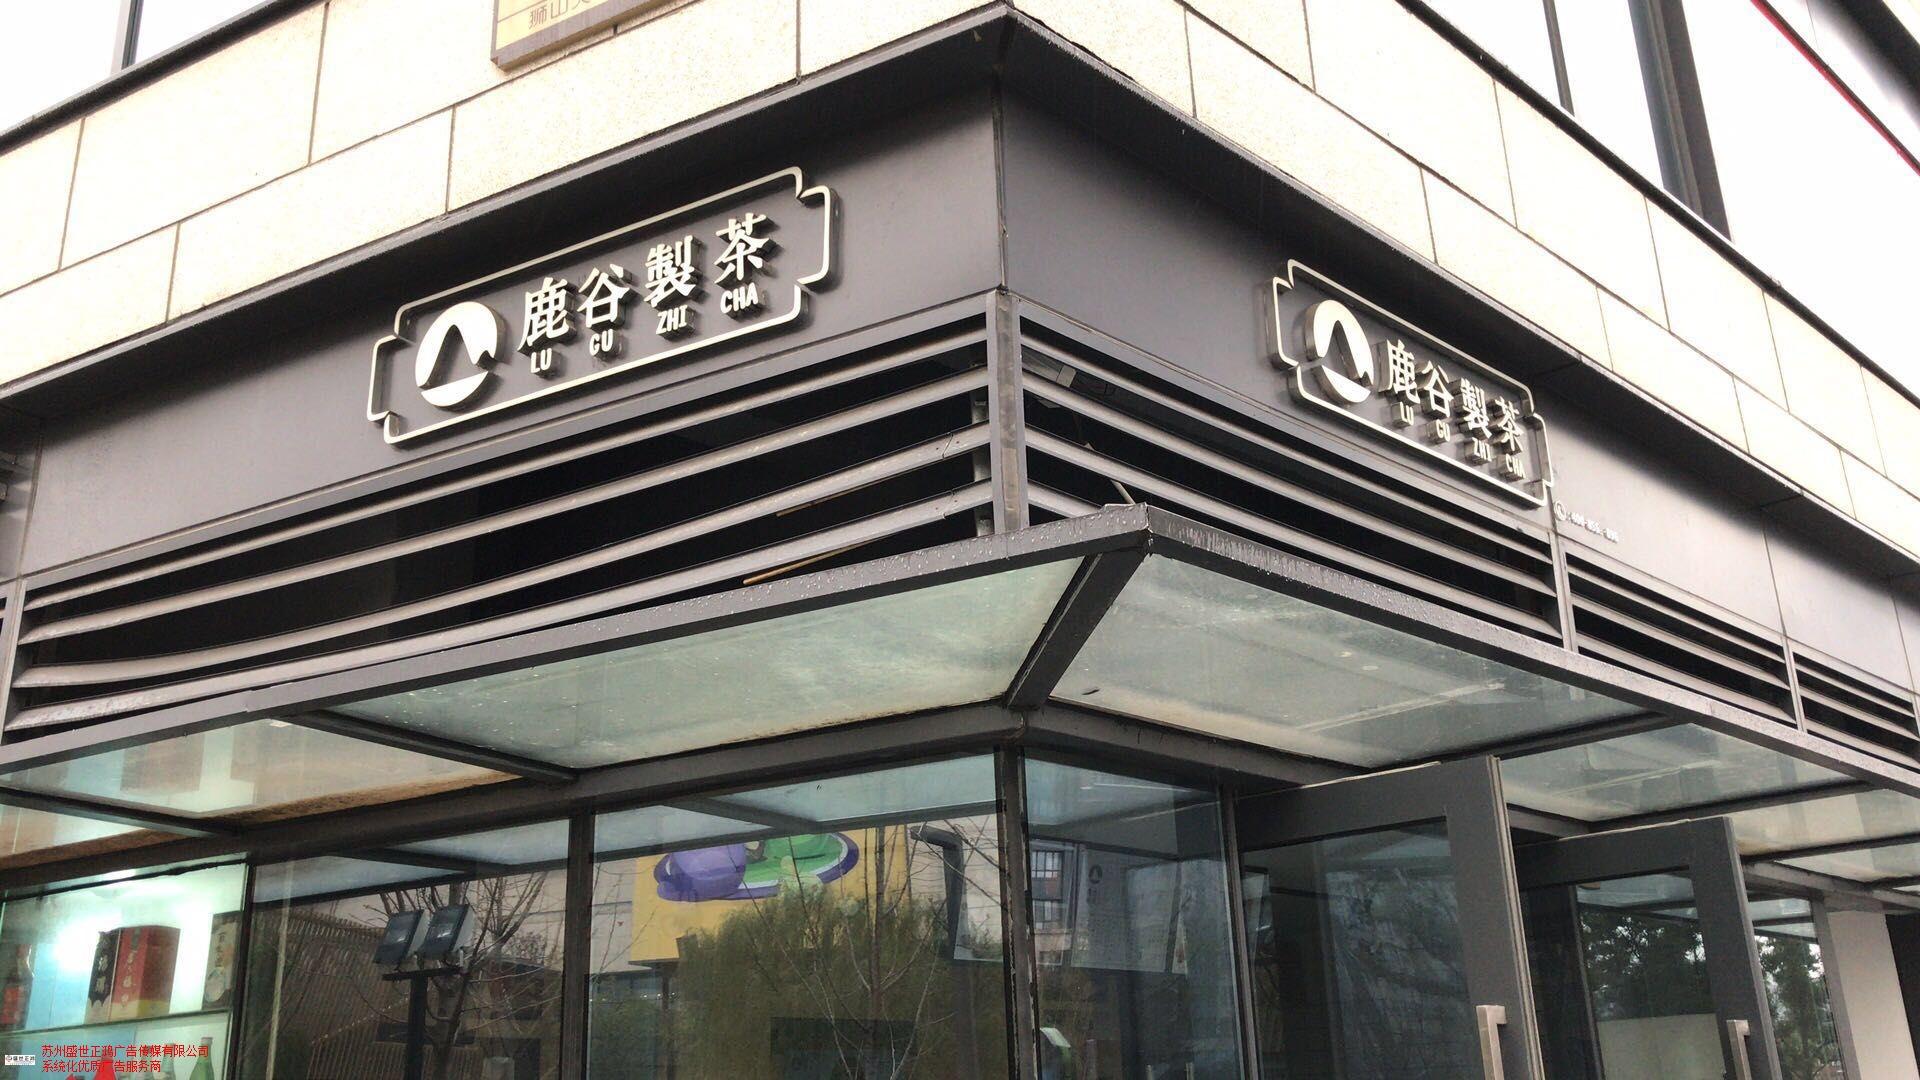 上海专业店面招牌设计安装 诚信互利「苏州盛世正鸿广告传媒供应」